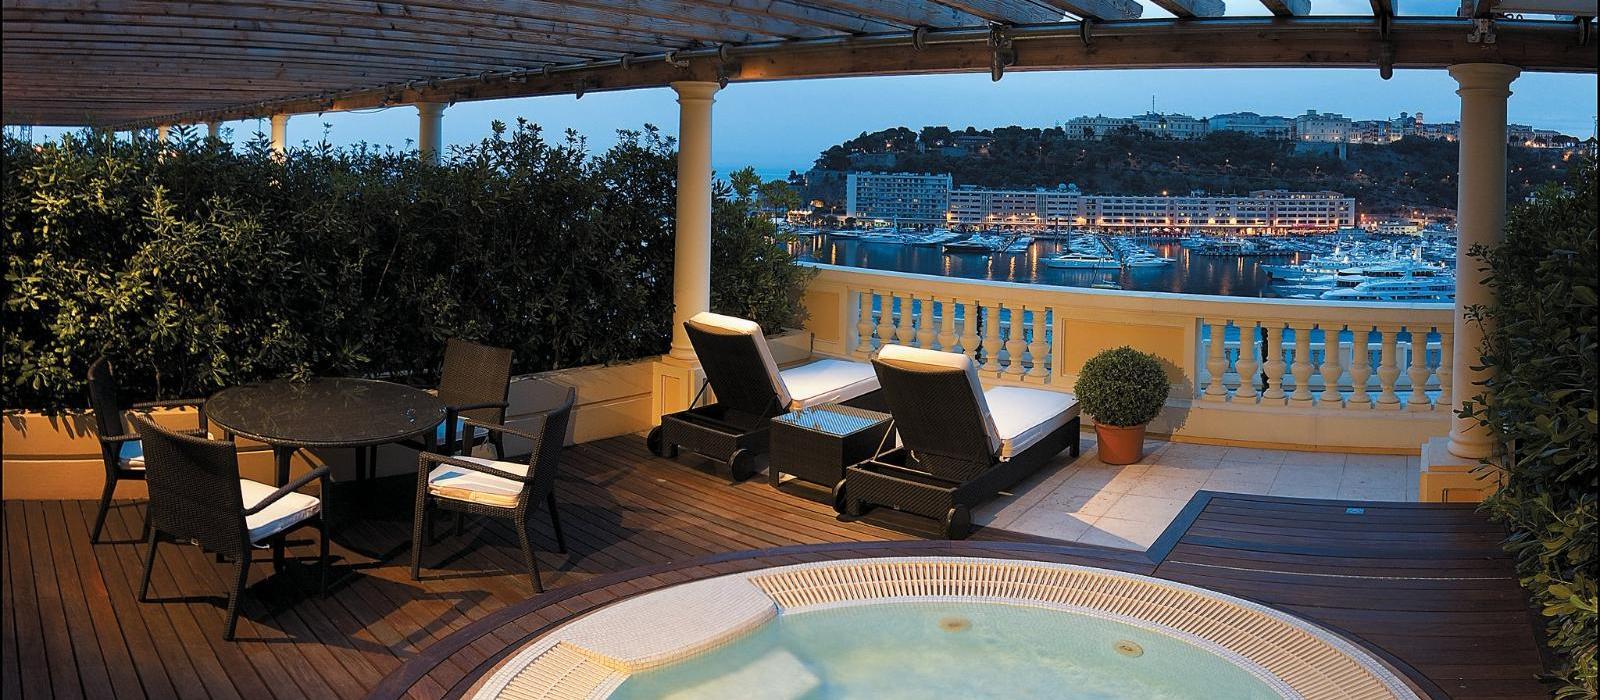 蒙特卡洛赫谧坦吉大酒店(Hotel Hermitage Monte-Carlo) 按摩池海景钻石套房图片  www.lhw.cn